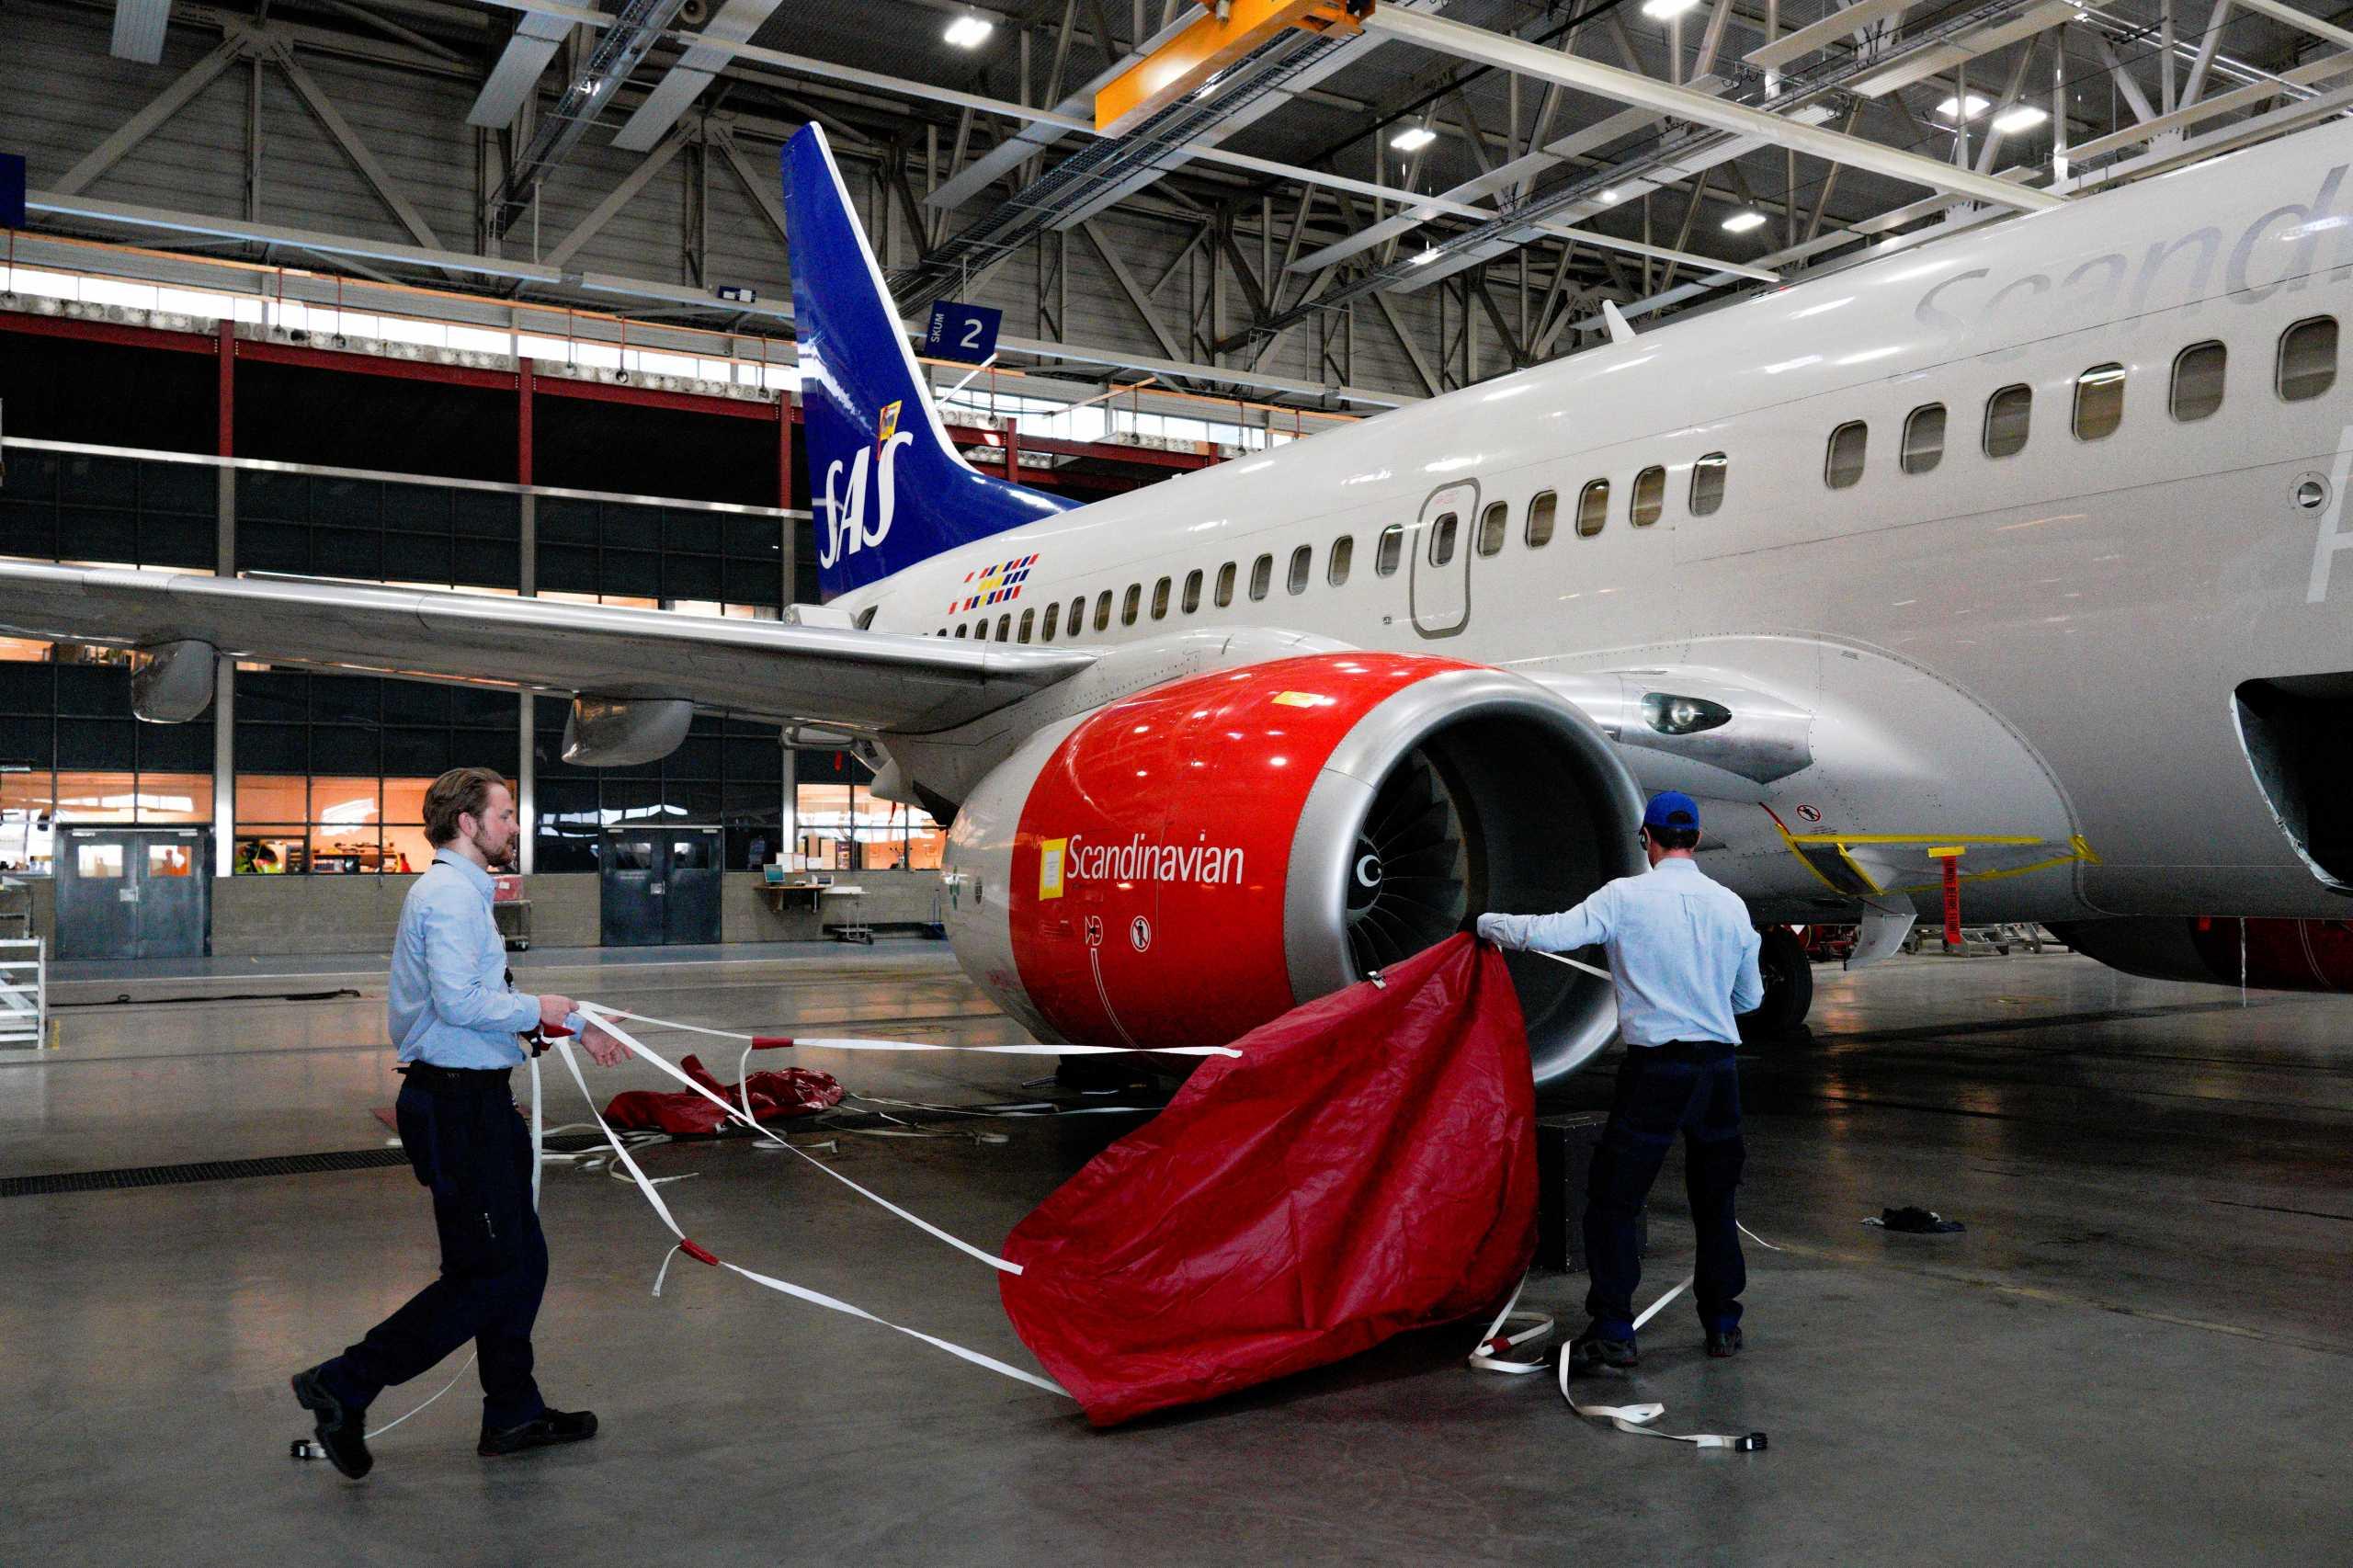 Κορονοϊός: Επίπληξη στη Νορβηγία γιατί έλαβε πολύ αυστηρά μέτρα